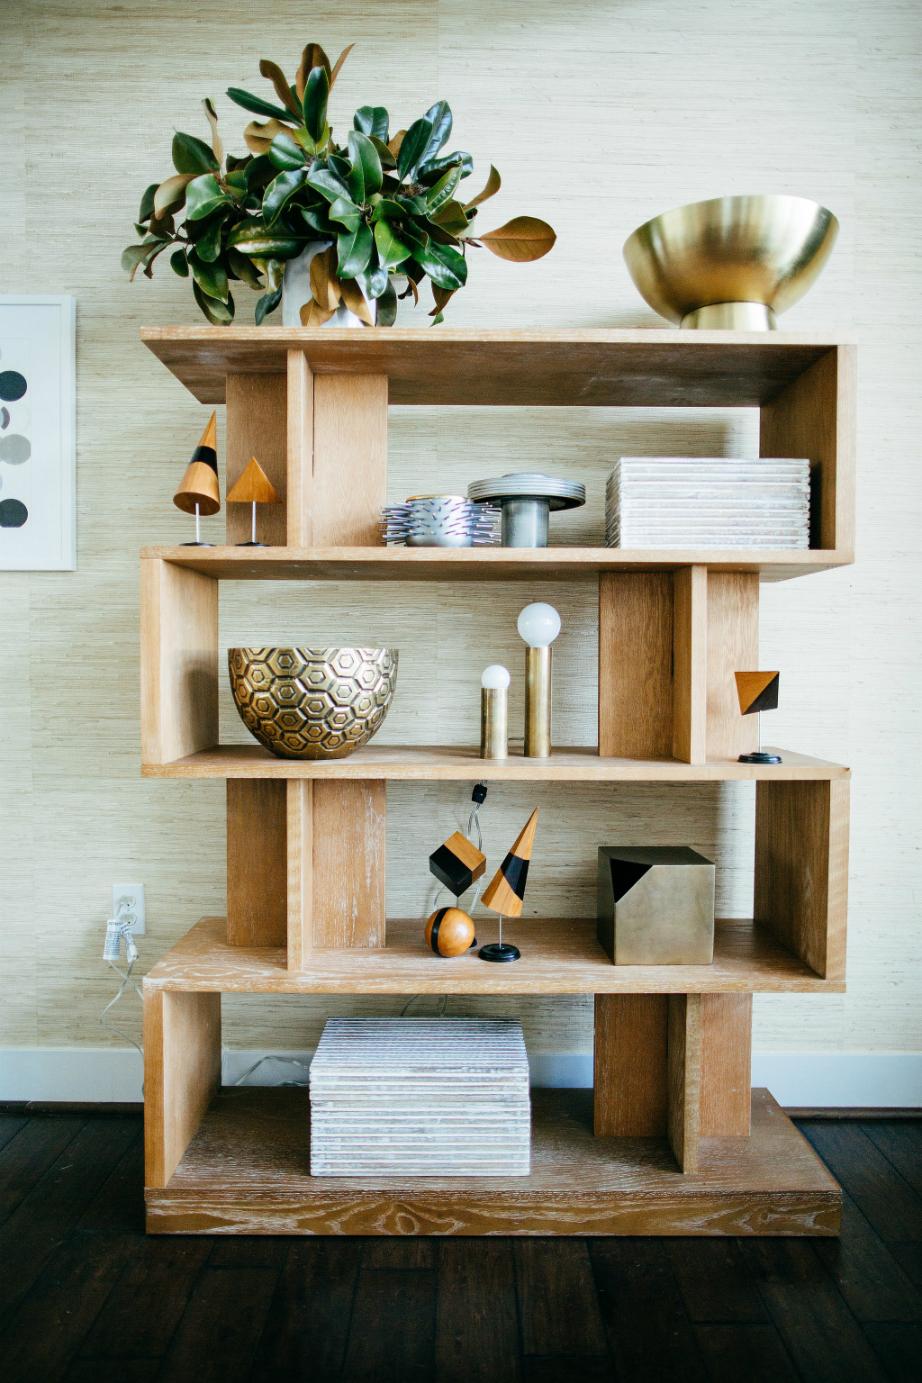 Ο μινιμαλισμός είναι το «κλειδί» για ένα πιο φωτεινό σπίτι.